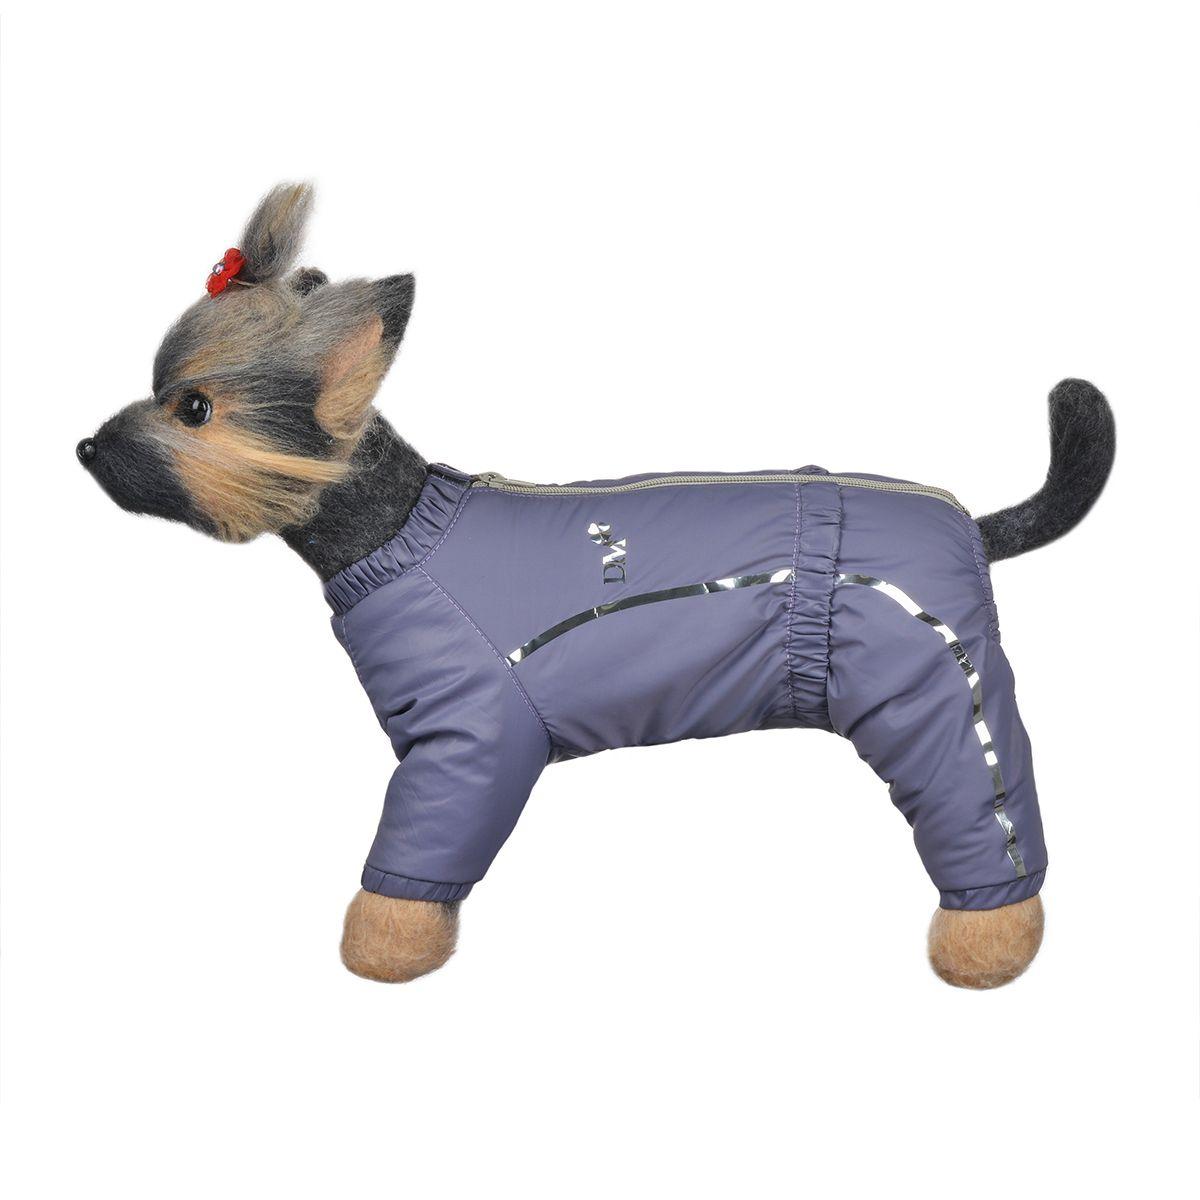 Комбинезон для собак Dogmoda Альпы, зимний, для девочки, цвет: фиолетовый, серый. Размер 3 (L)DM-150350-3Зимний комбинезон для собак Dogmoda Альпы отлично подойдет для прогулок в зимнее время года.Комбинезон изготовлен из полиэстера, защищающего от ветра и снега, с утеплителем из синтепона, который сохранит тепло даже в сильные морозы, а на подкладке используется искусственный мех, который обеспечивает отличный воздухообмен. Комбинезон застегивается на молнию и липучку, благодаря чему его легко надевать и снимать. Ворот, низ рукавов и брючин оснащены внутренними резинками, которые мягко обхватывают шею и лапки, не позволяя просачиваться холодному воздуху. На пояснице имеется внутренняя резинка. Изделие декорировано серебристыми полосками и надписью DM.Благодаря такому комбинезону простуда не грозит вашему питомцу и он сможет испытать не сравнимое удовольствие от снежных игр и забав.